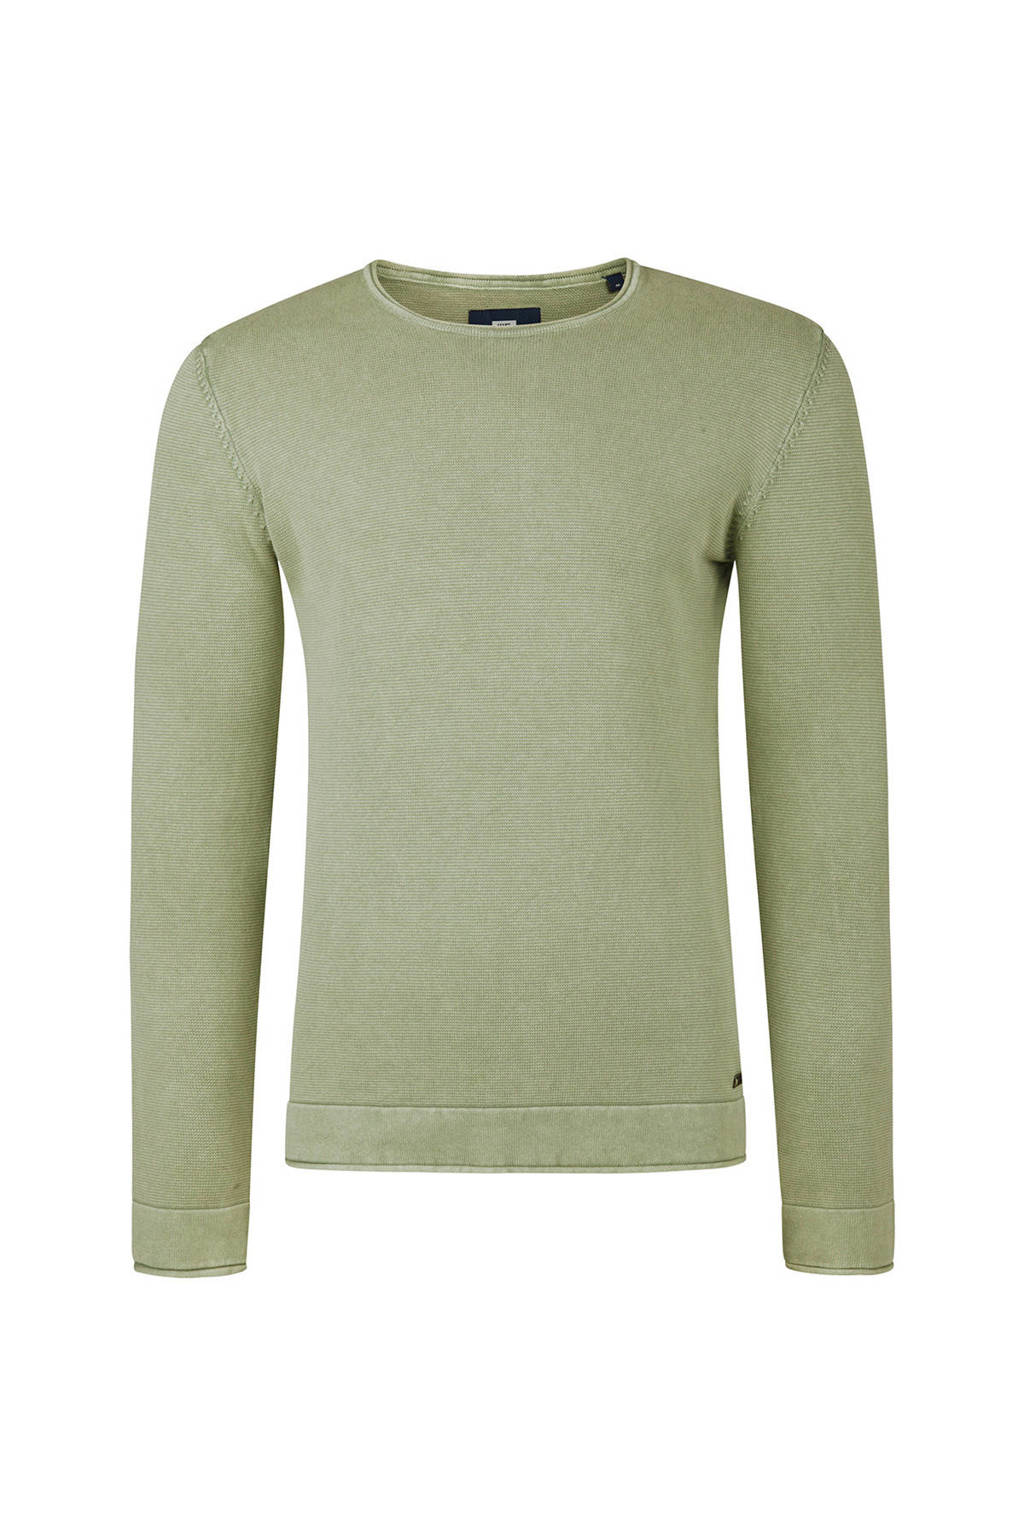 WE Fashion relaxed fit trui lichtgroen, Lichtgroen